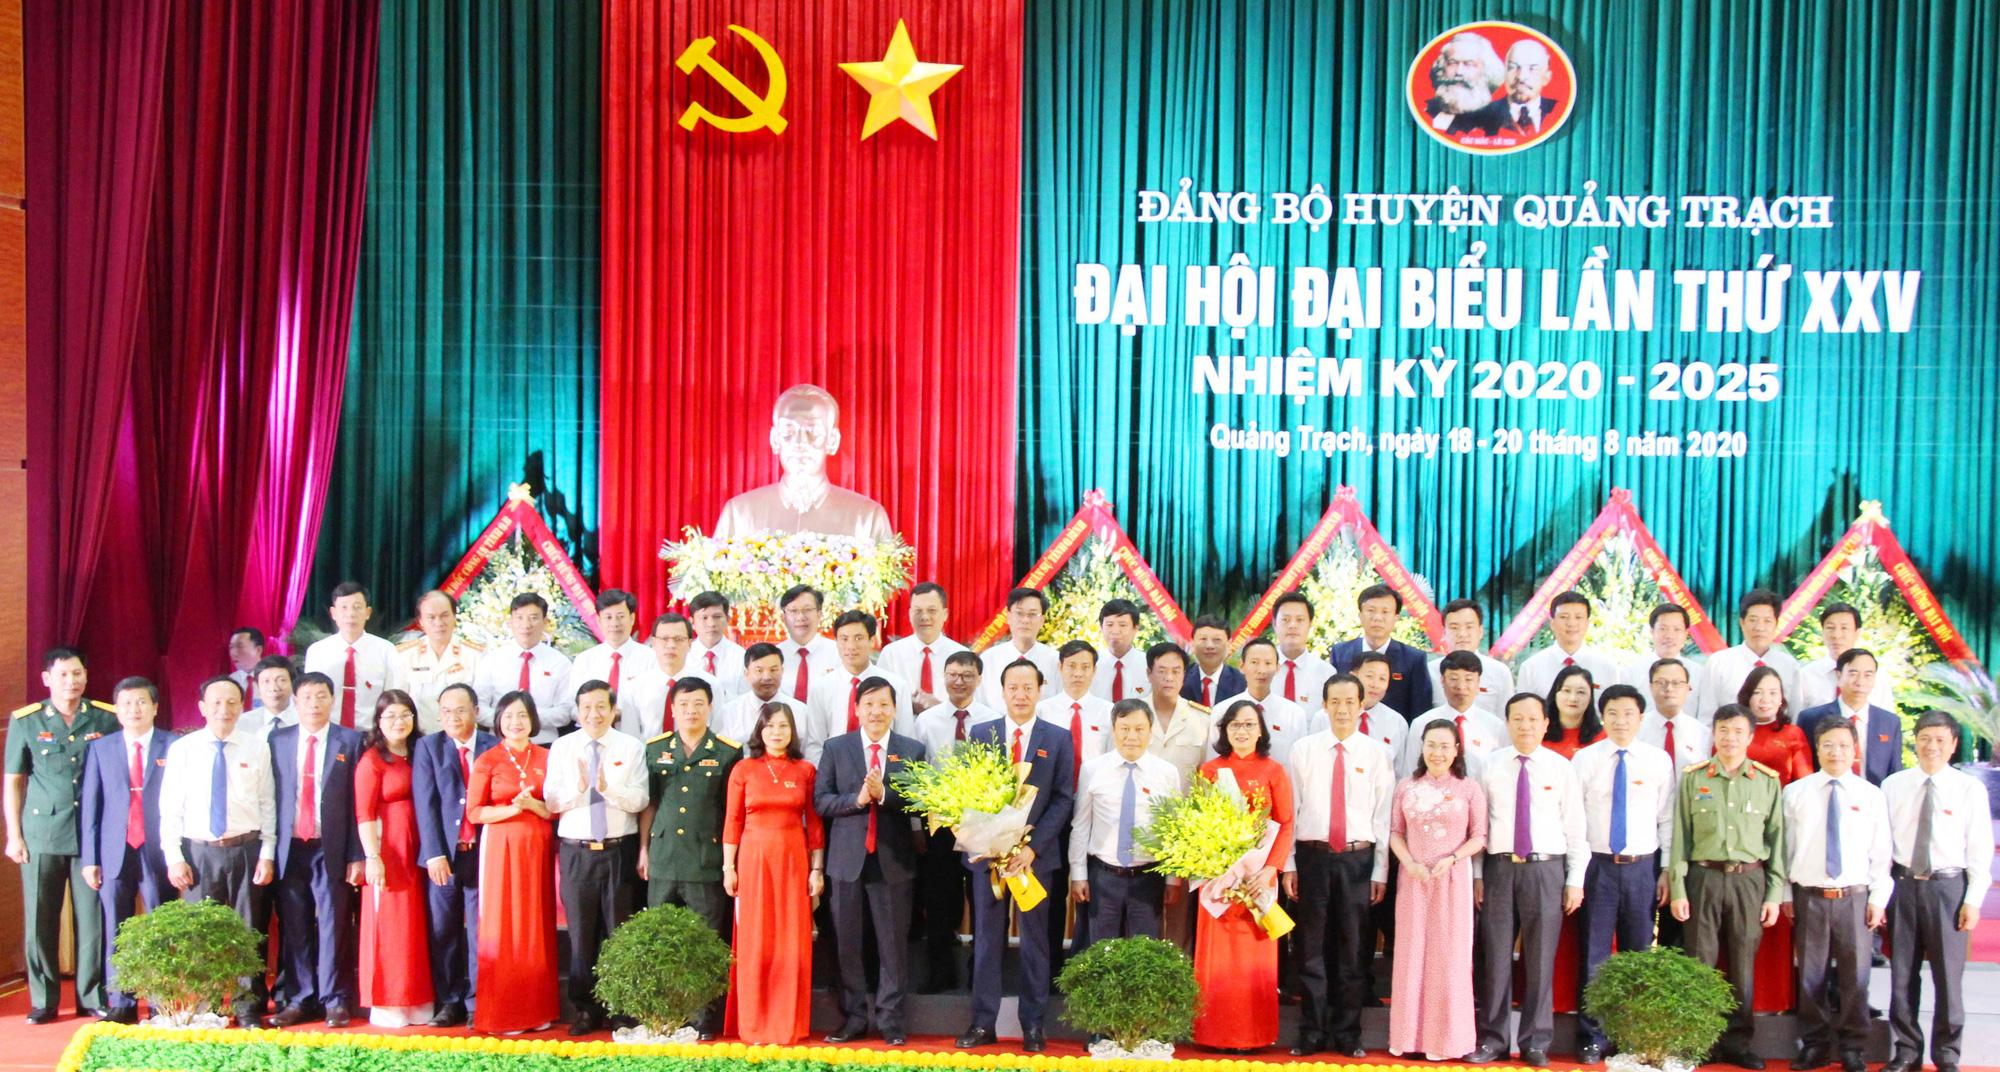 Đưa Quảng Bình trở thành tỉnh phát triển khá trong khu vực - Ảnh 1.